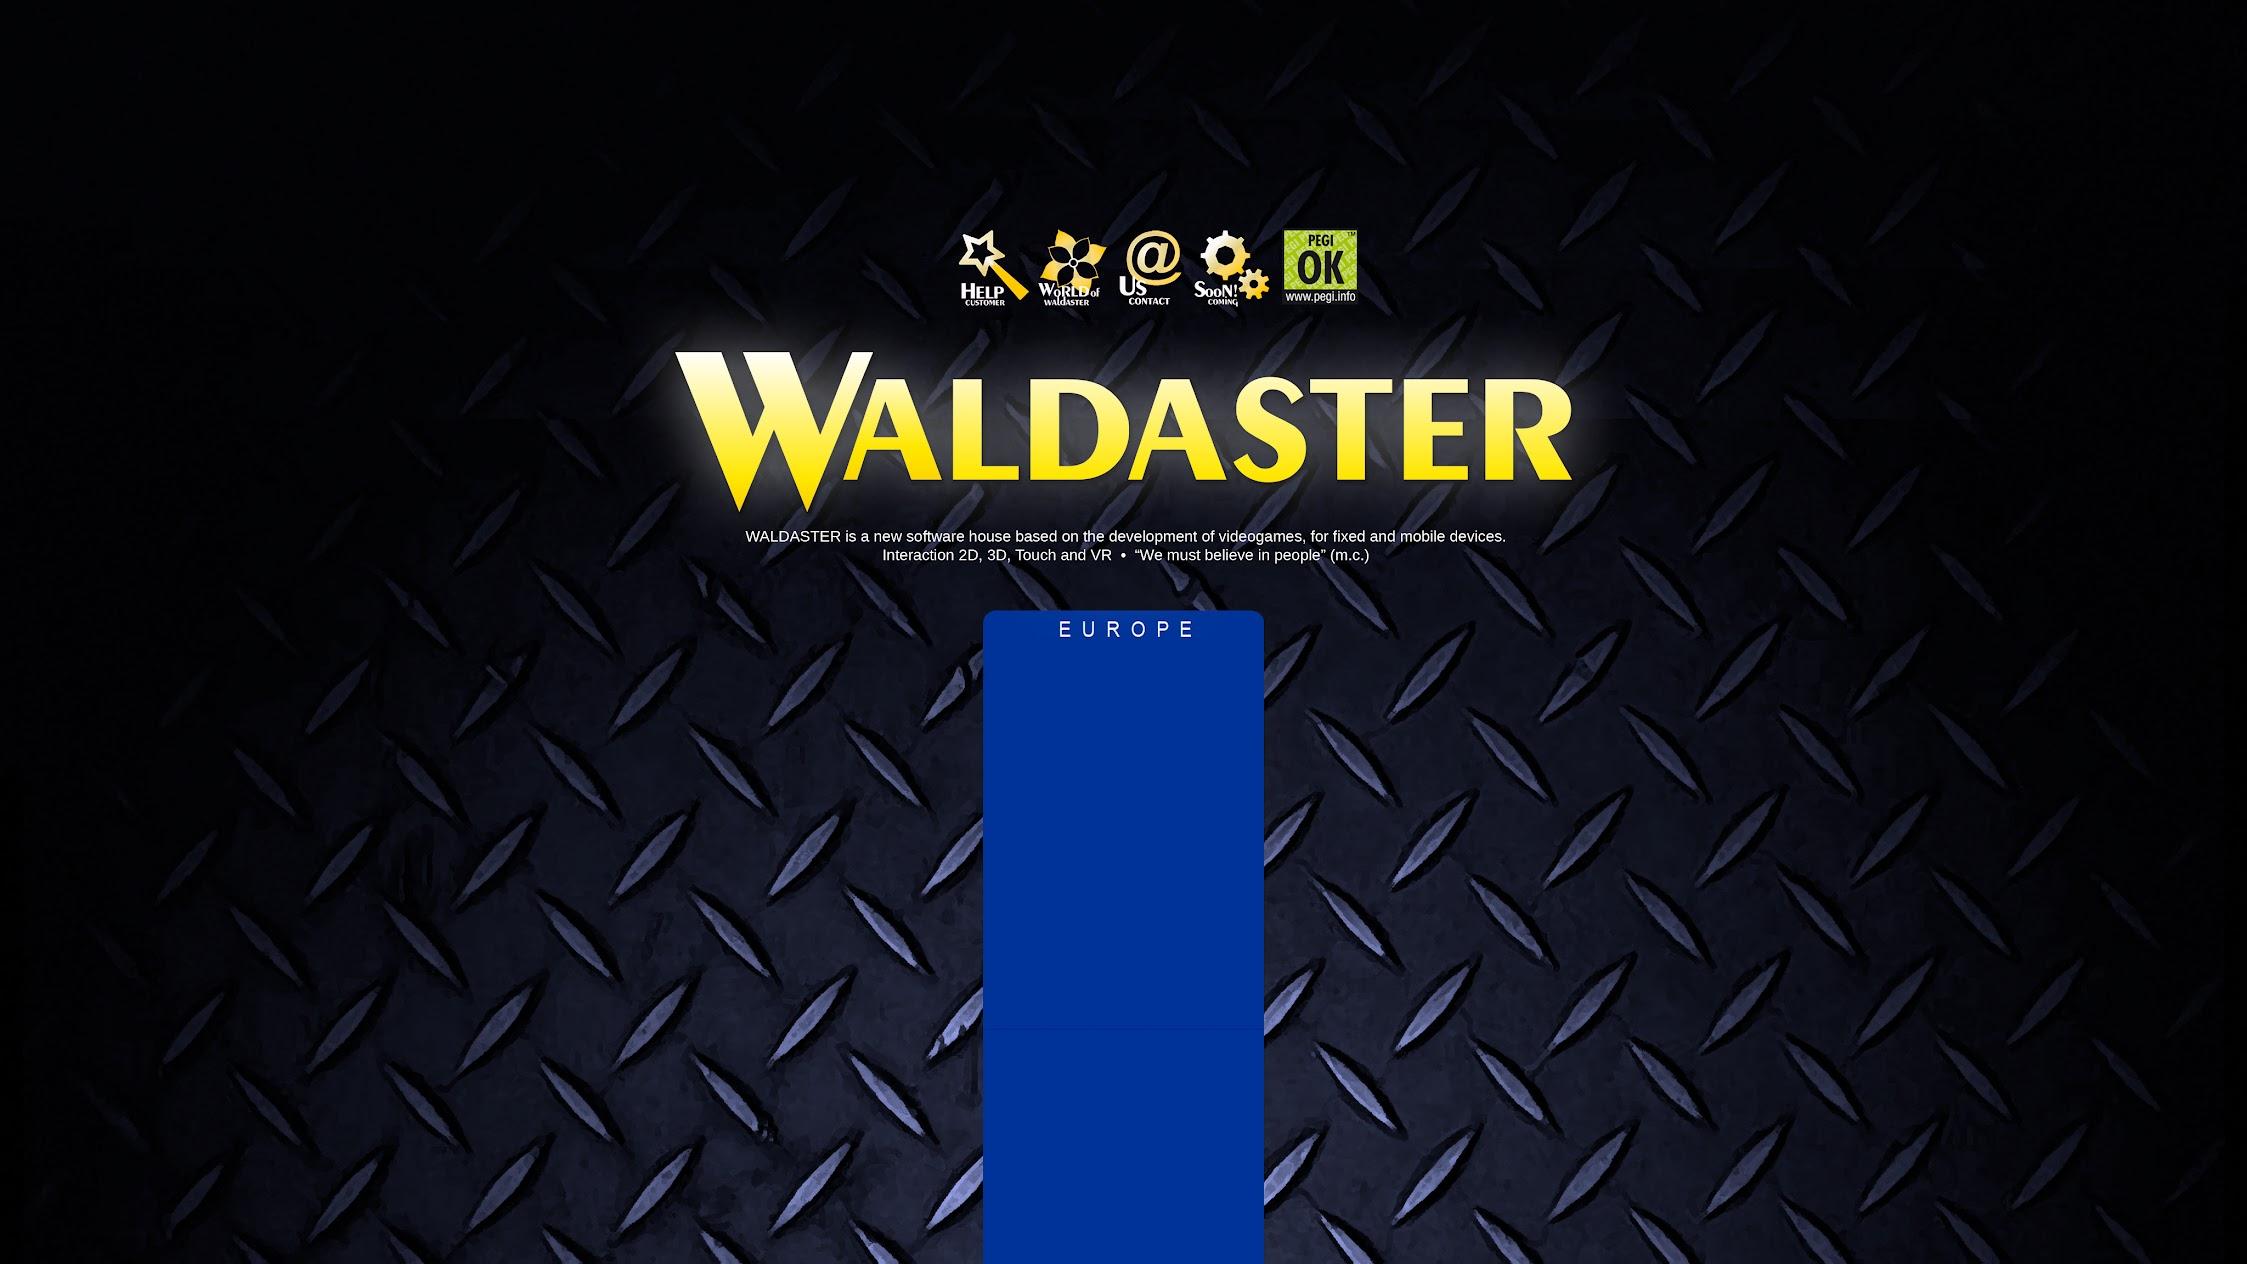 WALDASTER